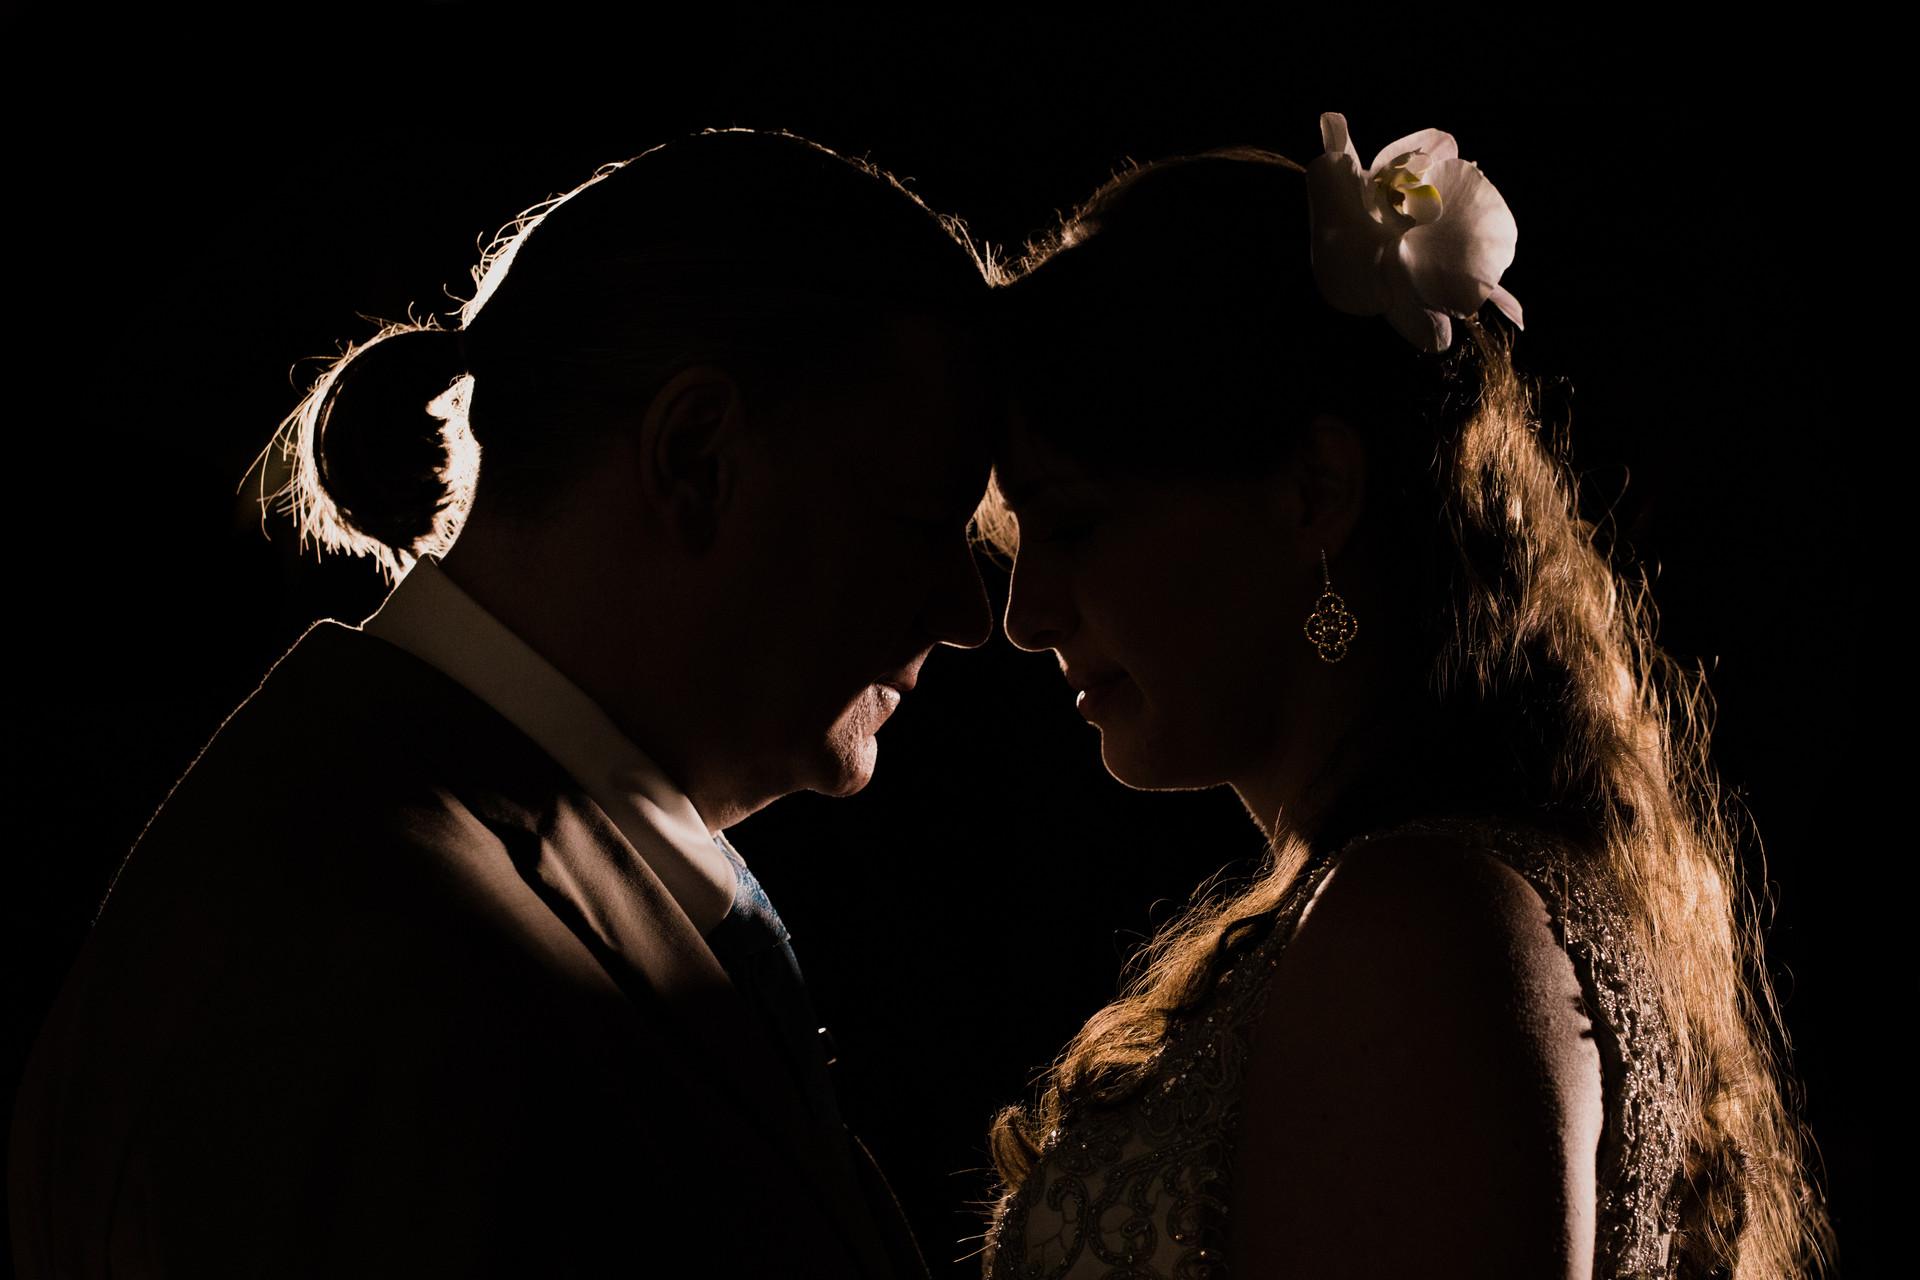 Casamento Meriane e Frank Villa Aipim Arraial Dajuda Bahia Fotografo Karib Ribeiro